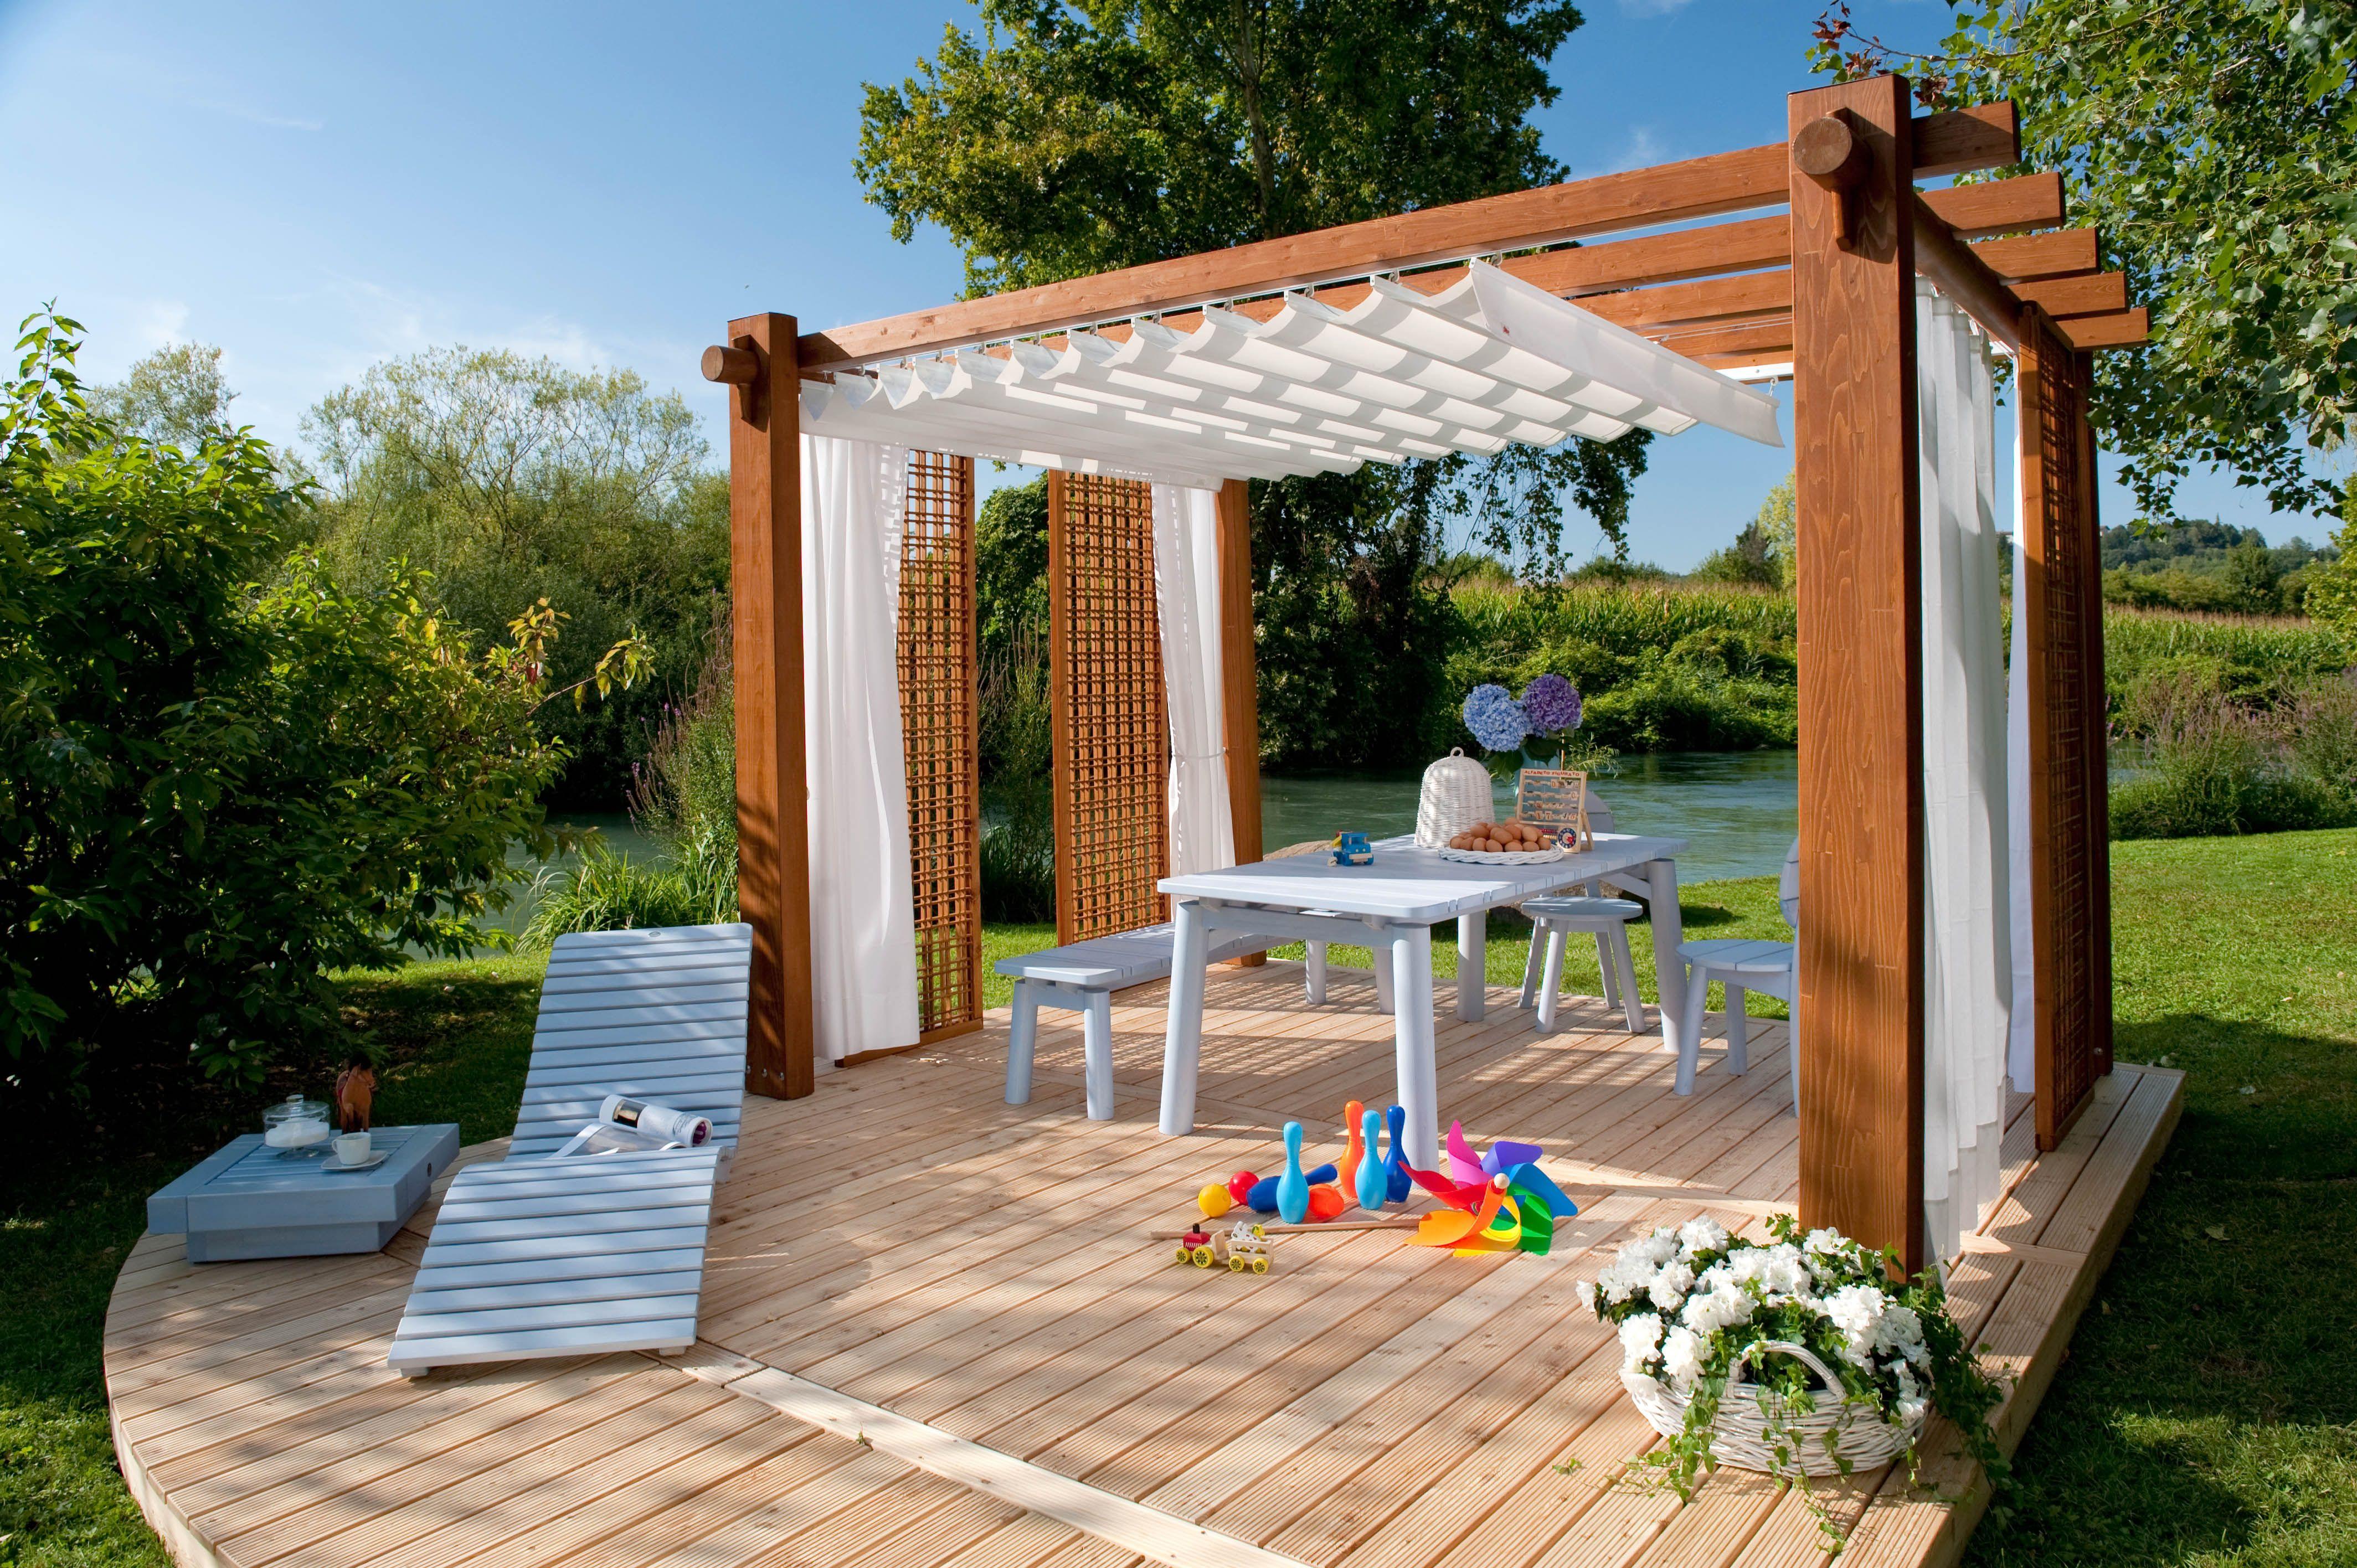 pircher minerva ideen rund ums haus pinterest terrassen berdachung rund ums haus und runde. Black Bedroom Furniture Sets. Home Design Ideas